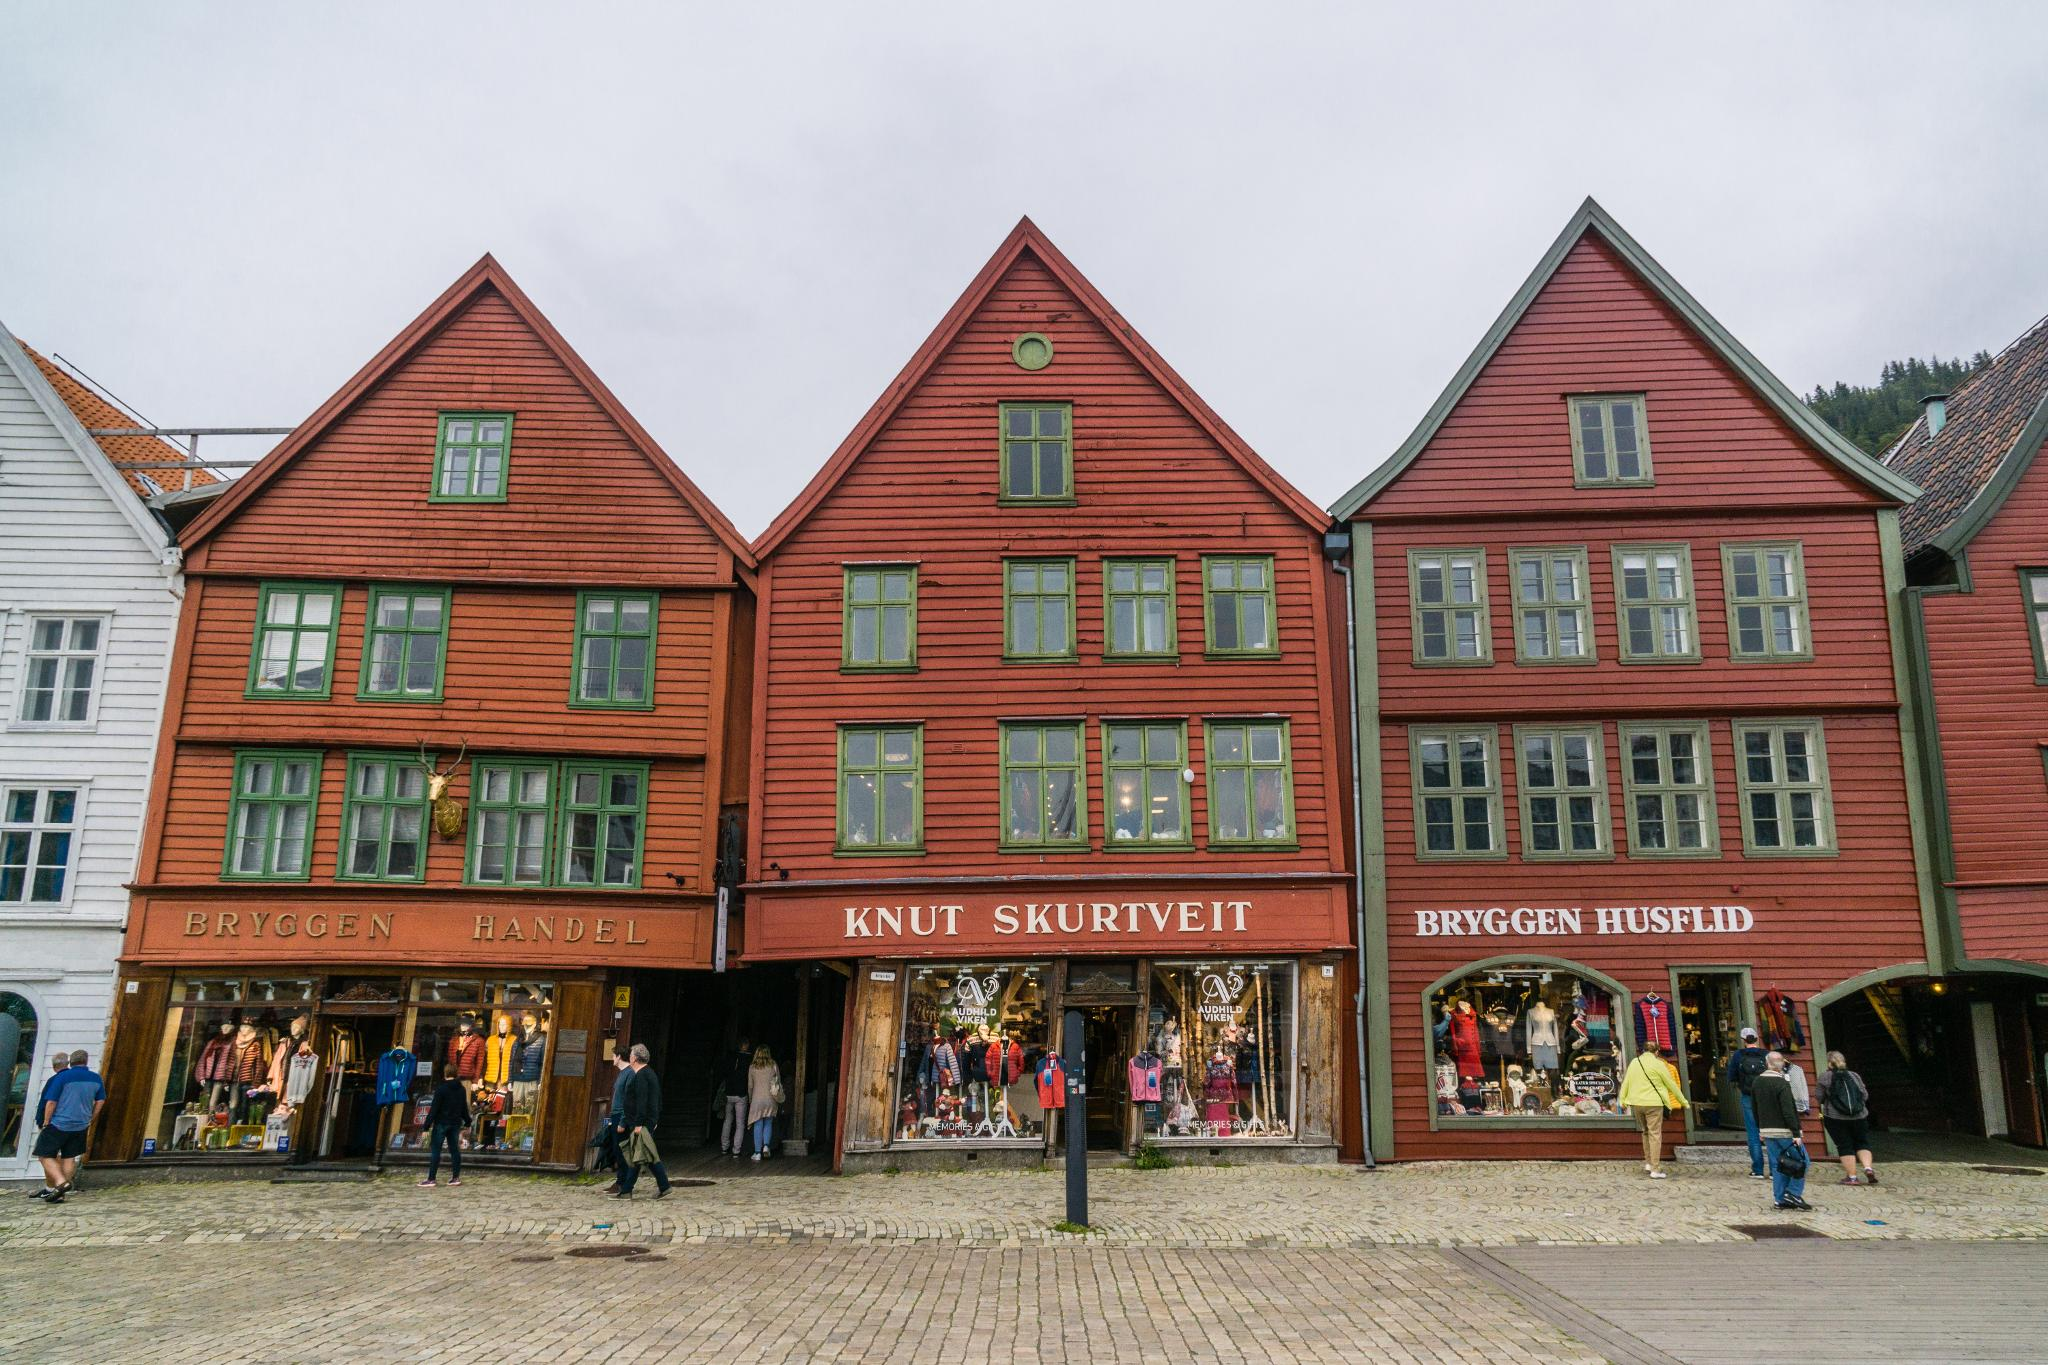 【卑爾根】童話北歐!卑爾根自由行景點全攻略 124